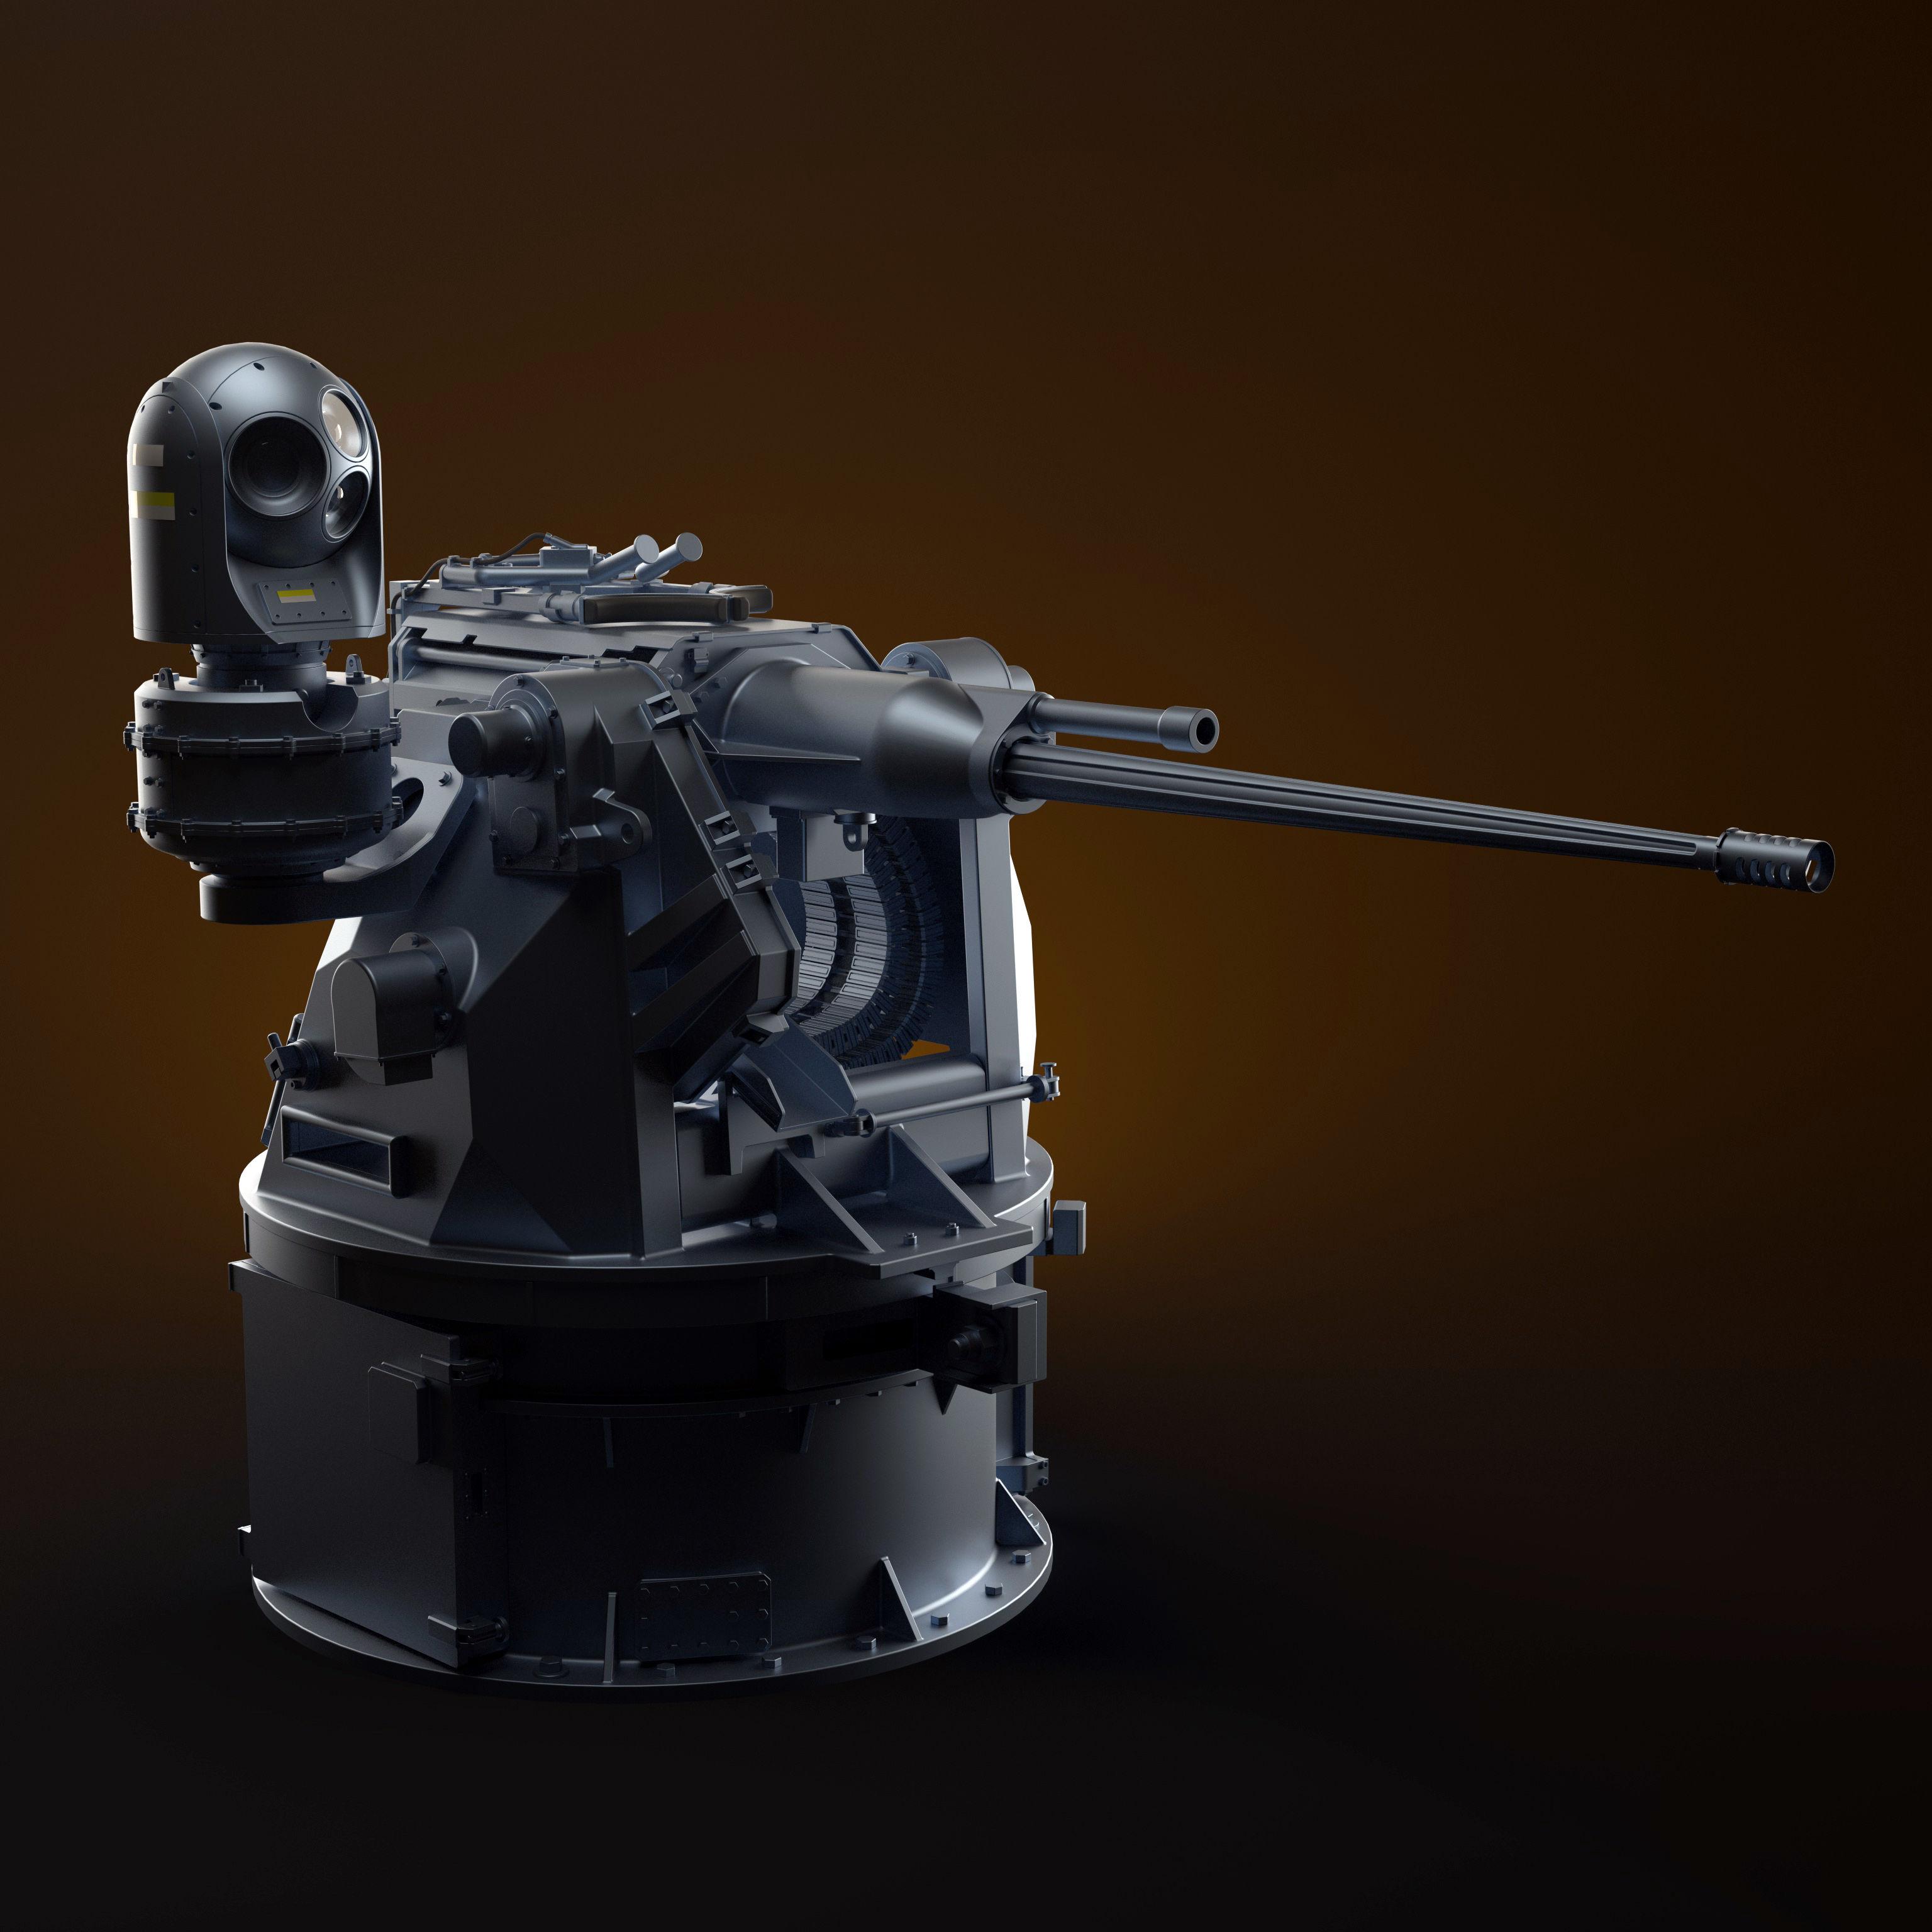 Bushmaster-01-3500-3500